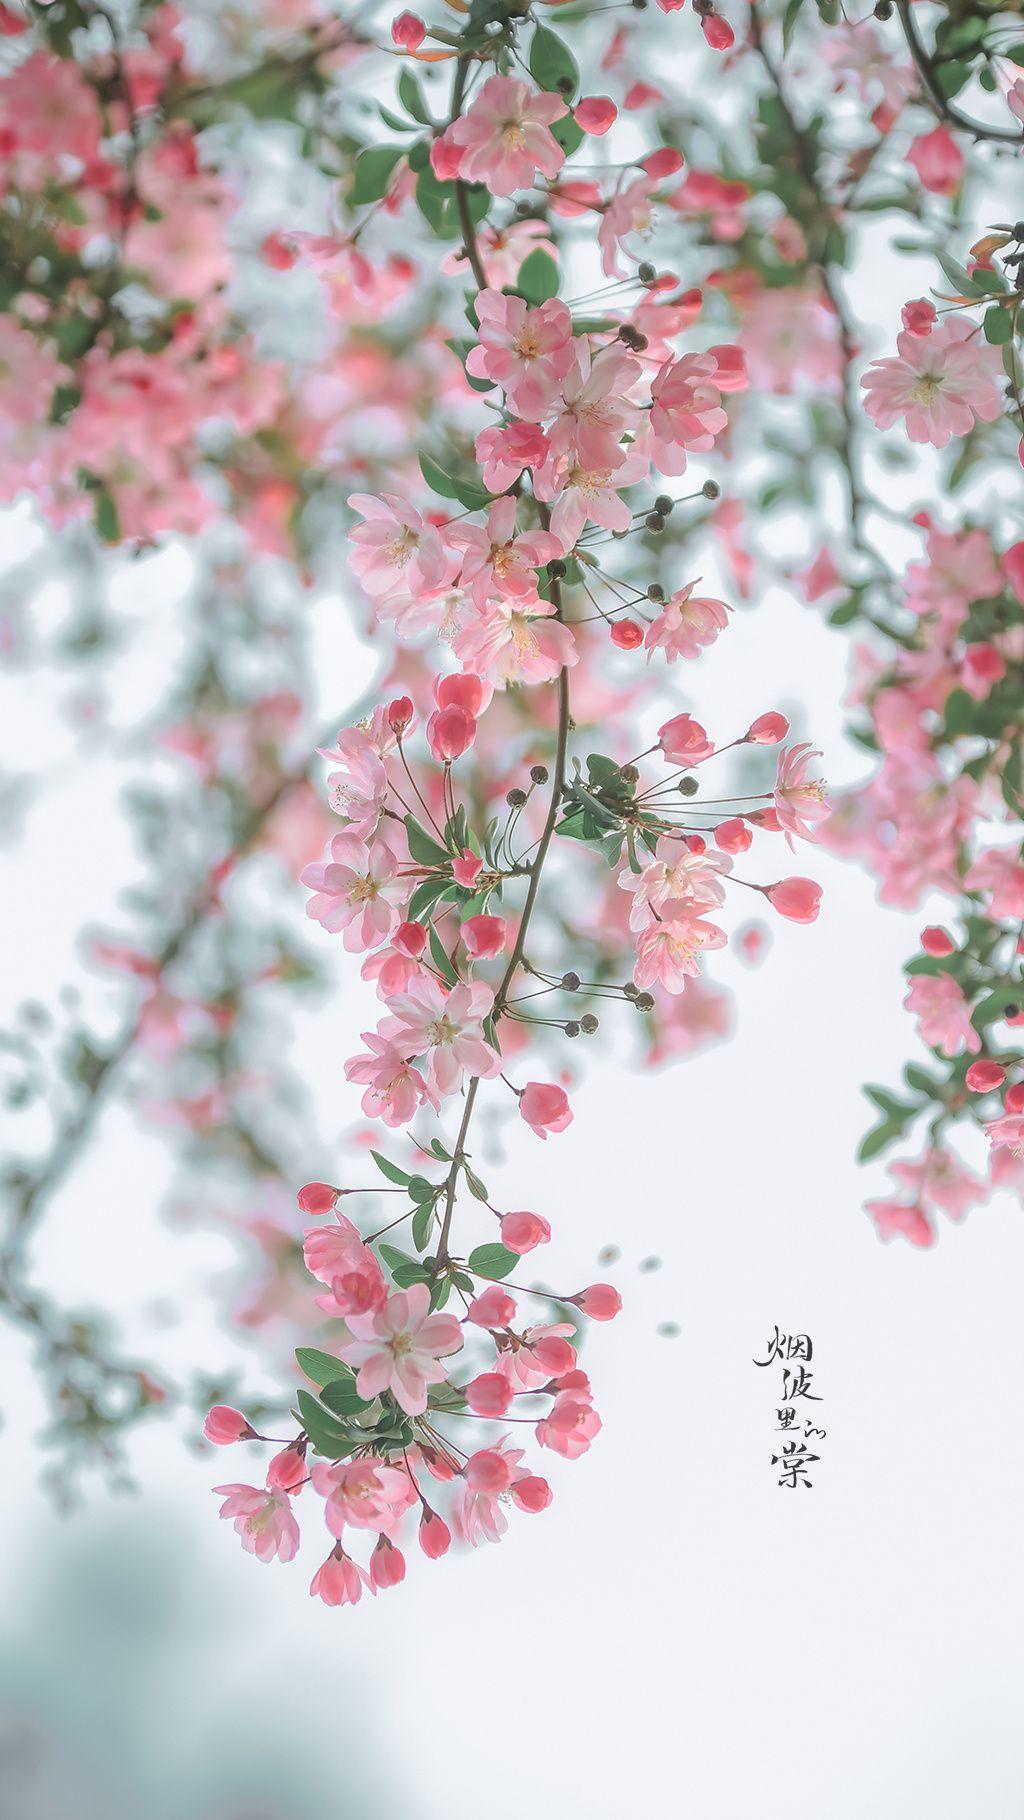 Hình nền hoa đẹp